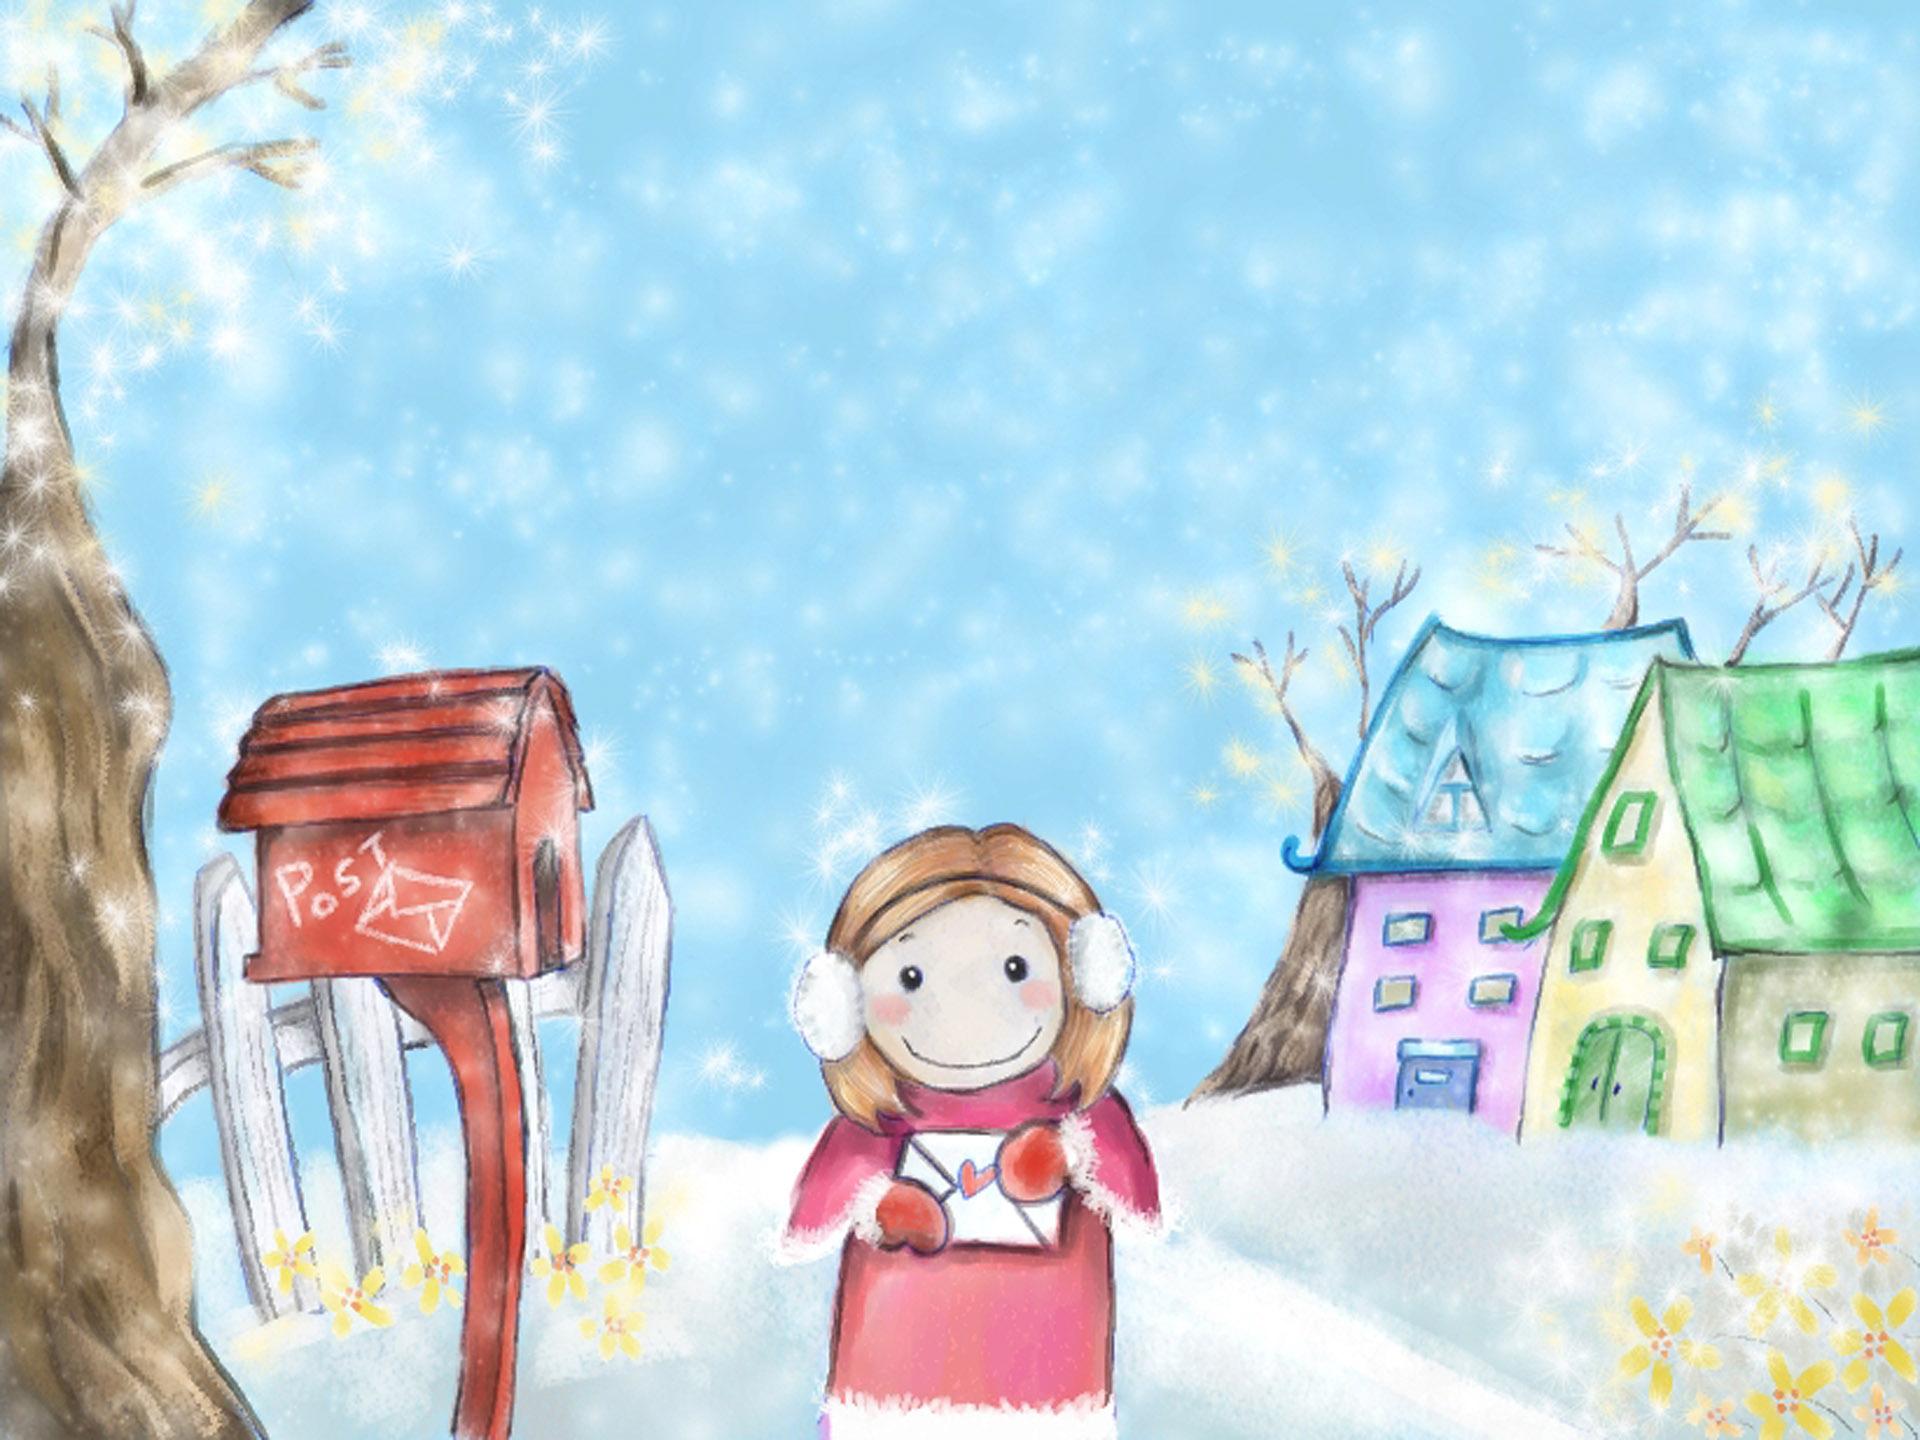 beautiful_season_winter_illustration_art_3009